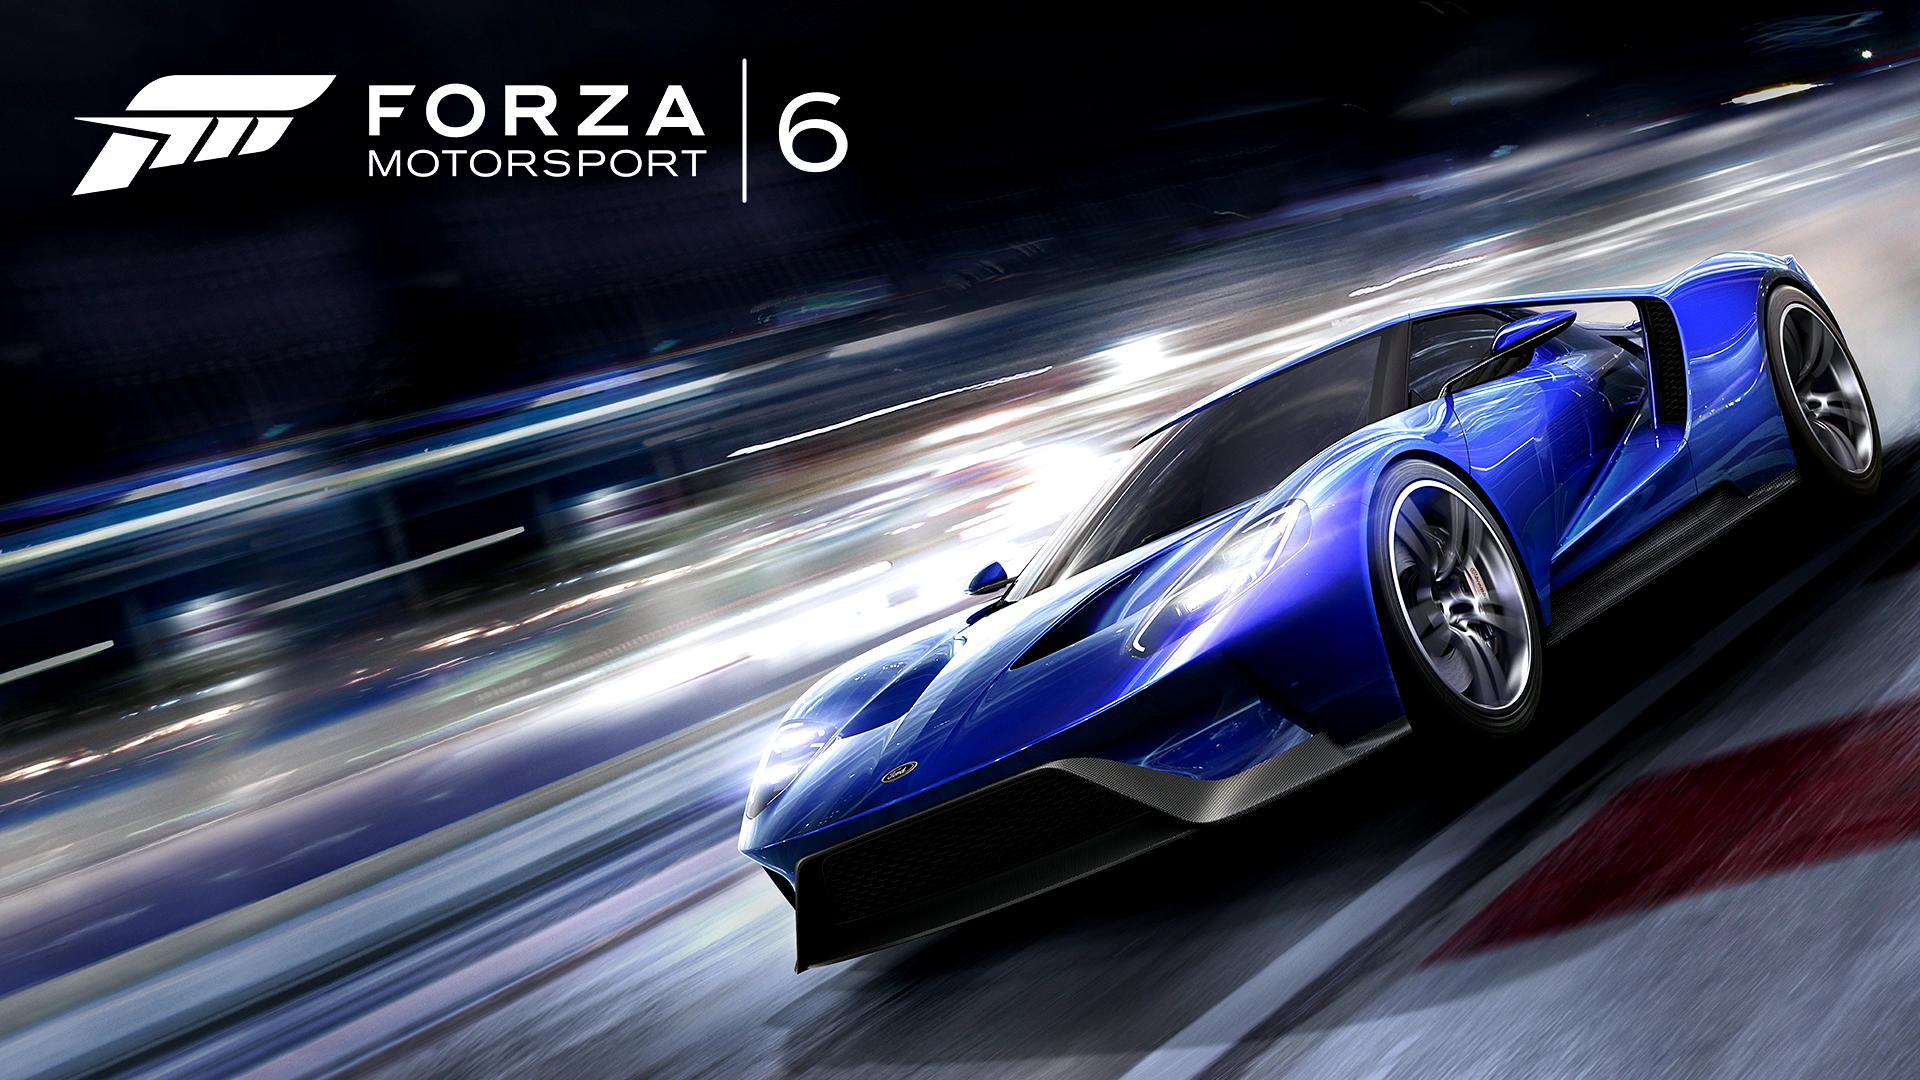 Forza Motorsport Spezielles Event Zur E3 Angekundigt Microsoft Wird In Diesem Jahr Nicht Nur Seine Pressekonferen Forza Motorsport 6 Forza Motorsport Forza